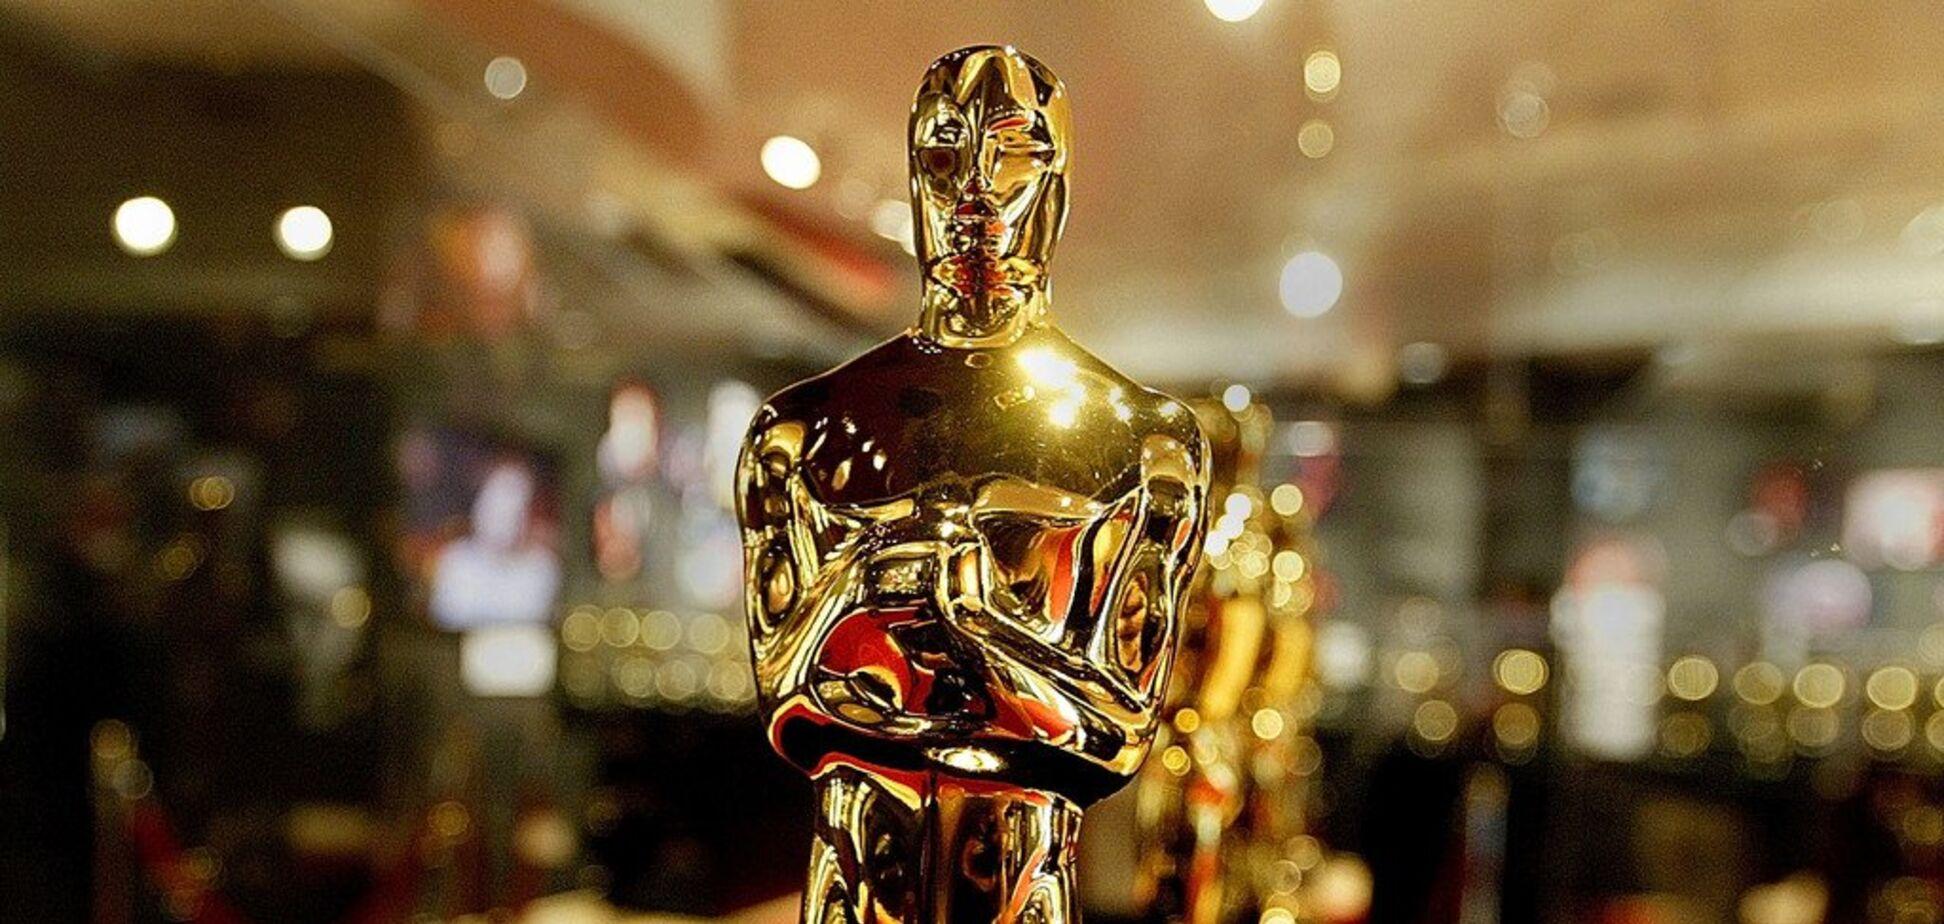 'Оскар': где и когда смотреть лучшие фильмы 2018 года